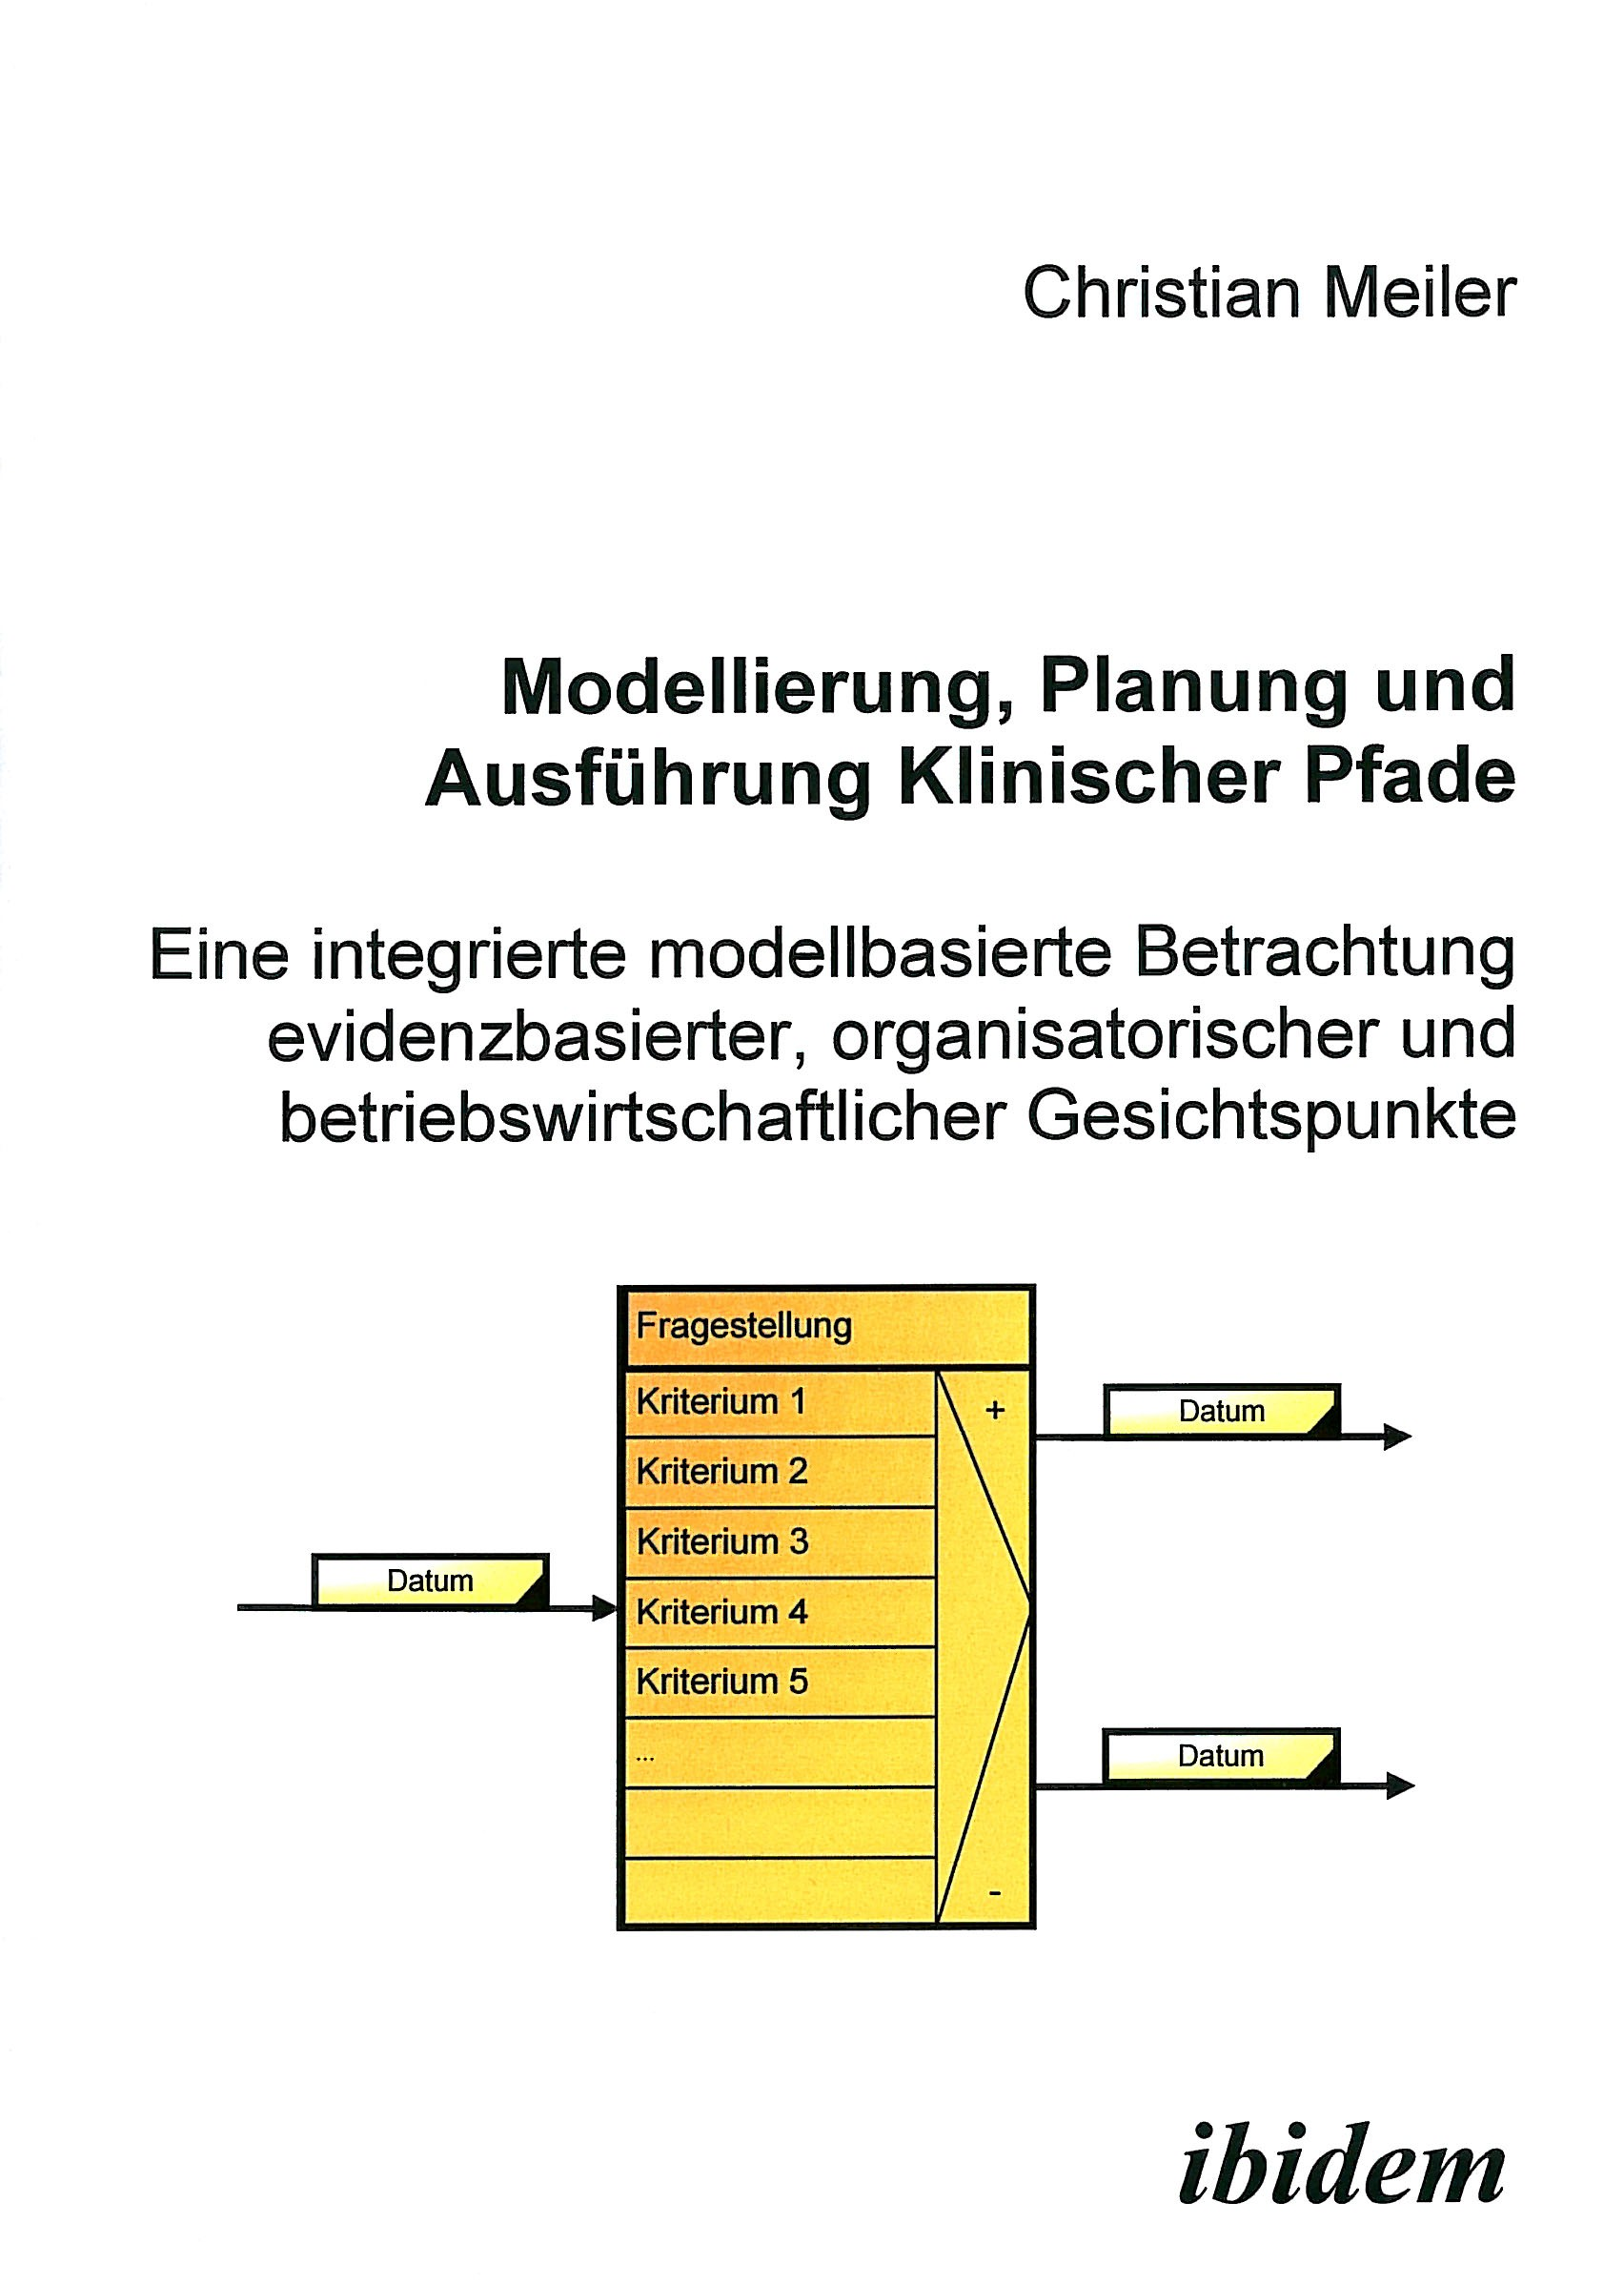 Modellierung, Planung und Ausführung Klinischer Pfade